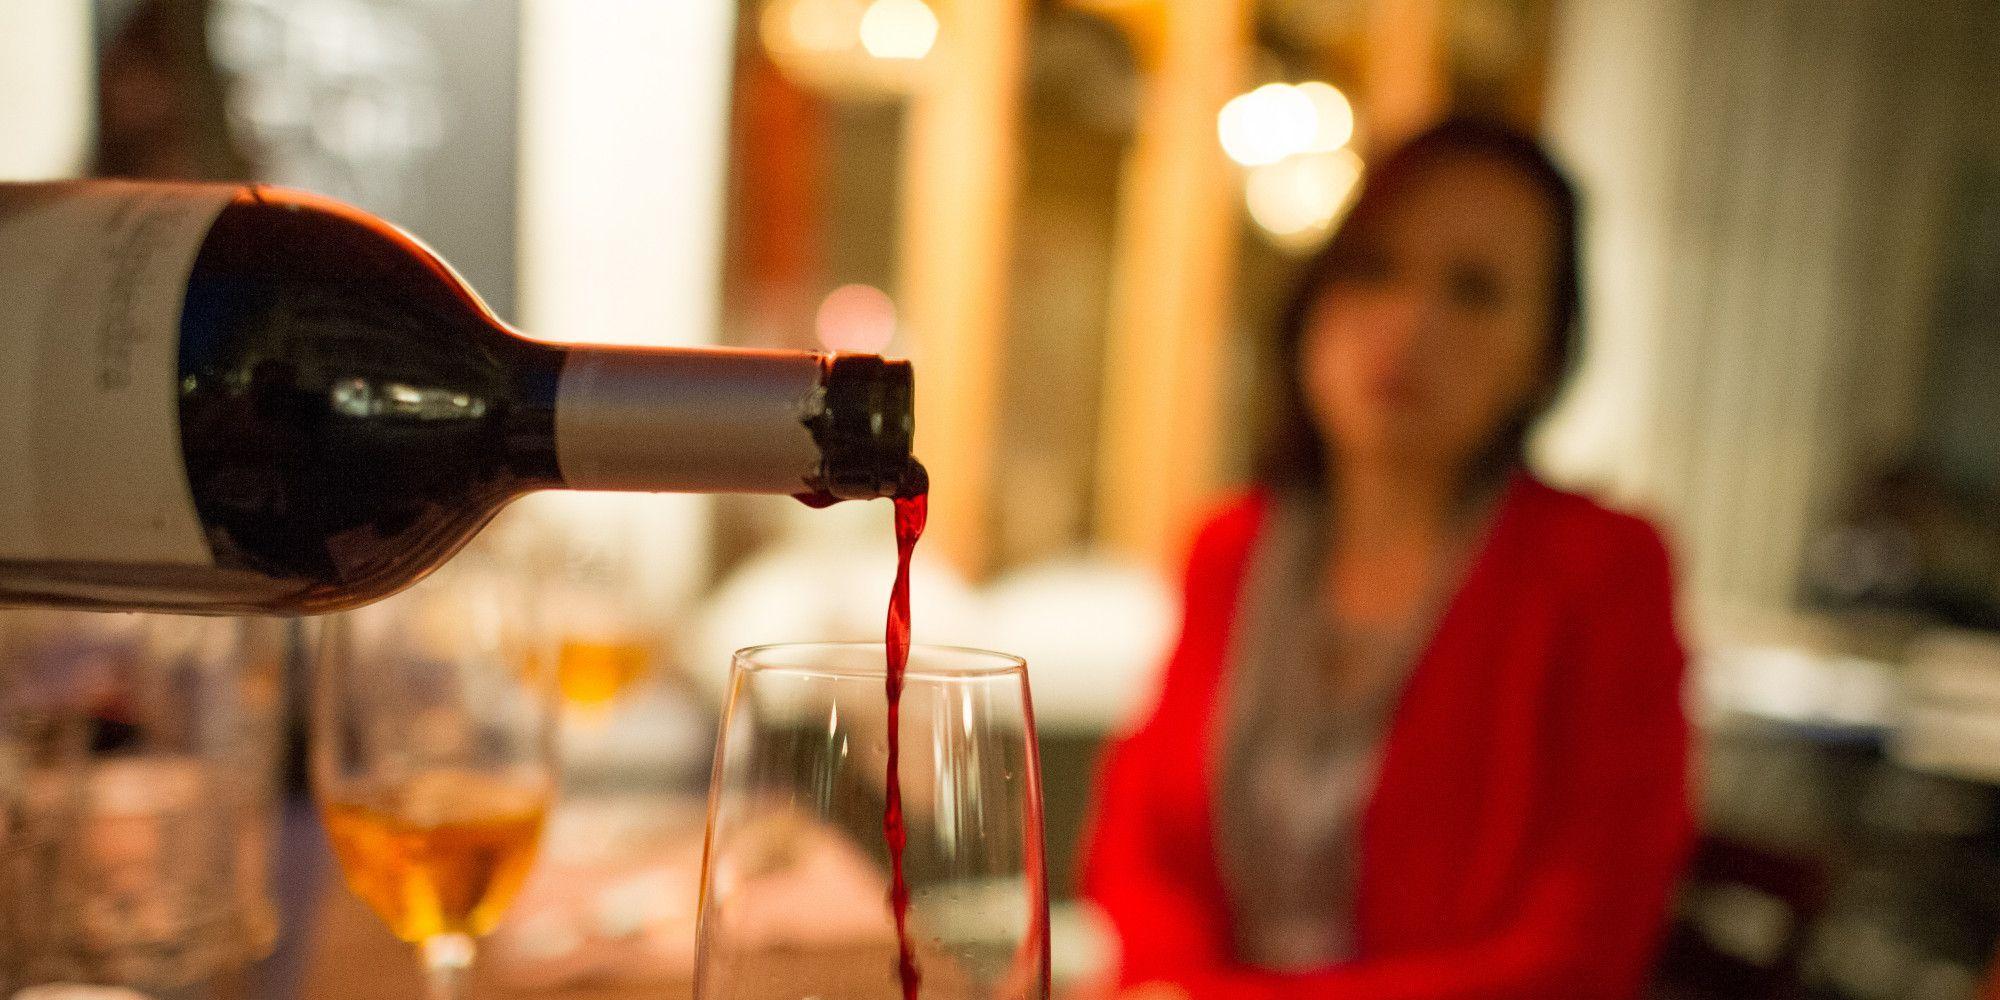 Злоупотребление алкоголем ухудшает течение ПМС